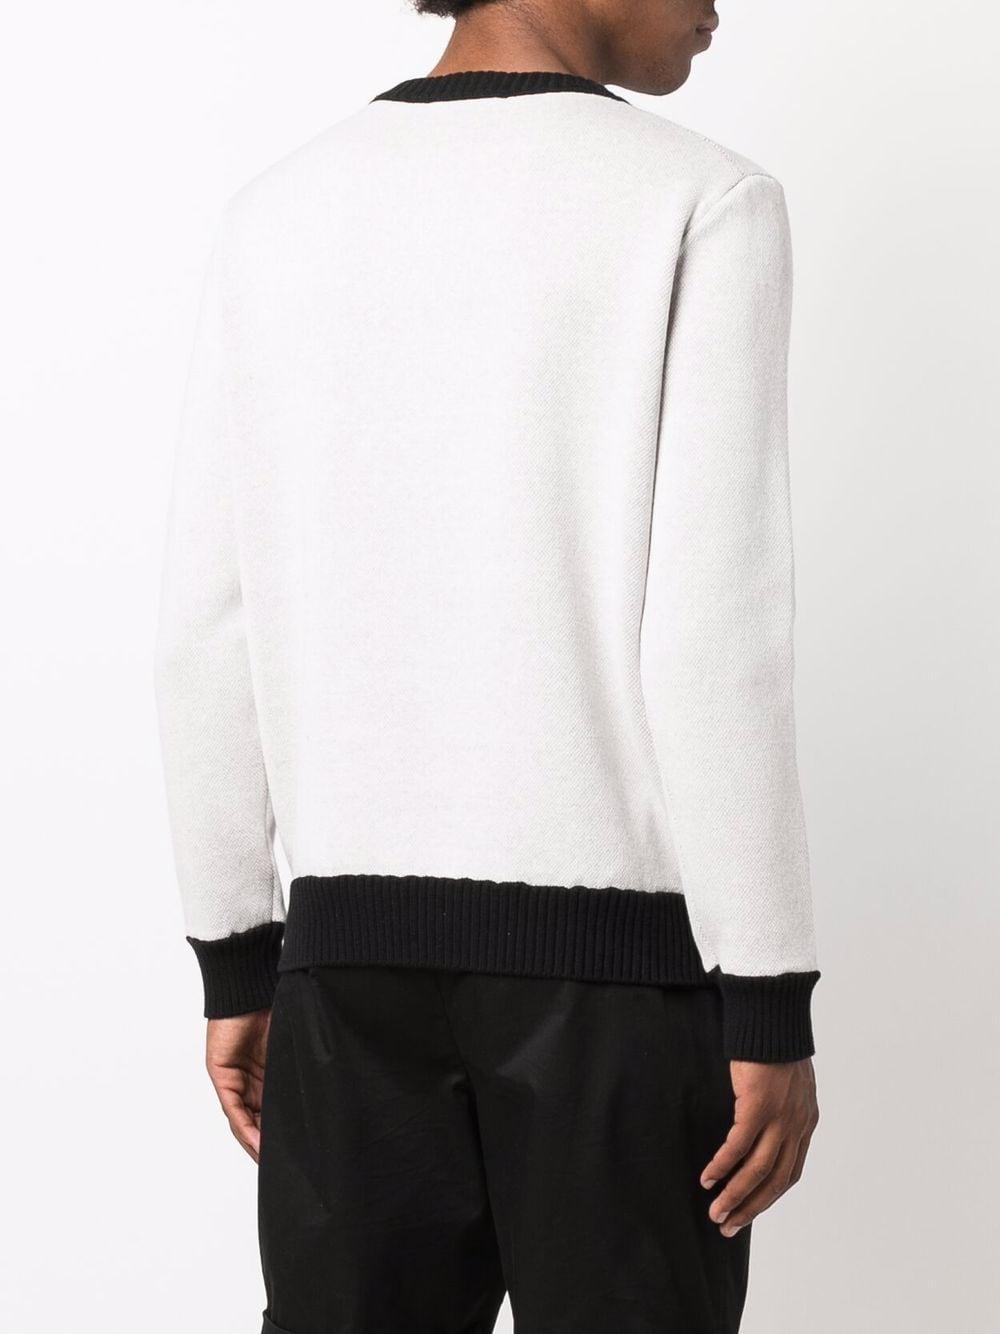 maglione grand prix uomo bianco in cotone CASABLANCA   Maglieria   MF21-KW-095OFF WHITE